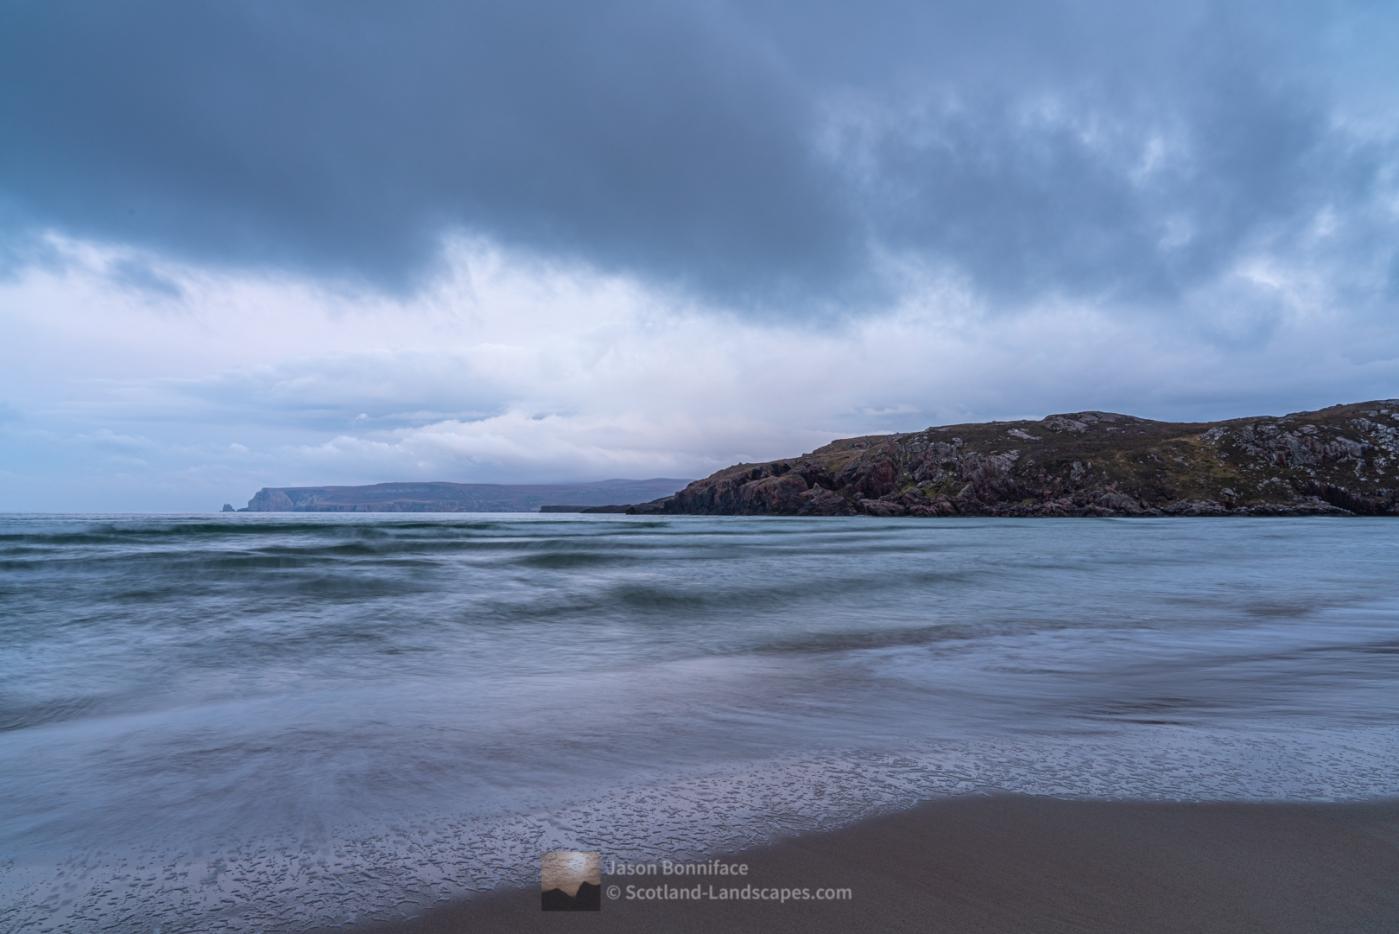 Late afternoon on beautiful Ceannabeinne beach (Traigh Allt Chailgeag)